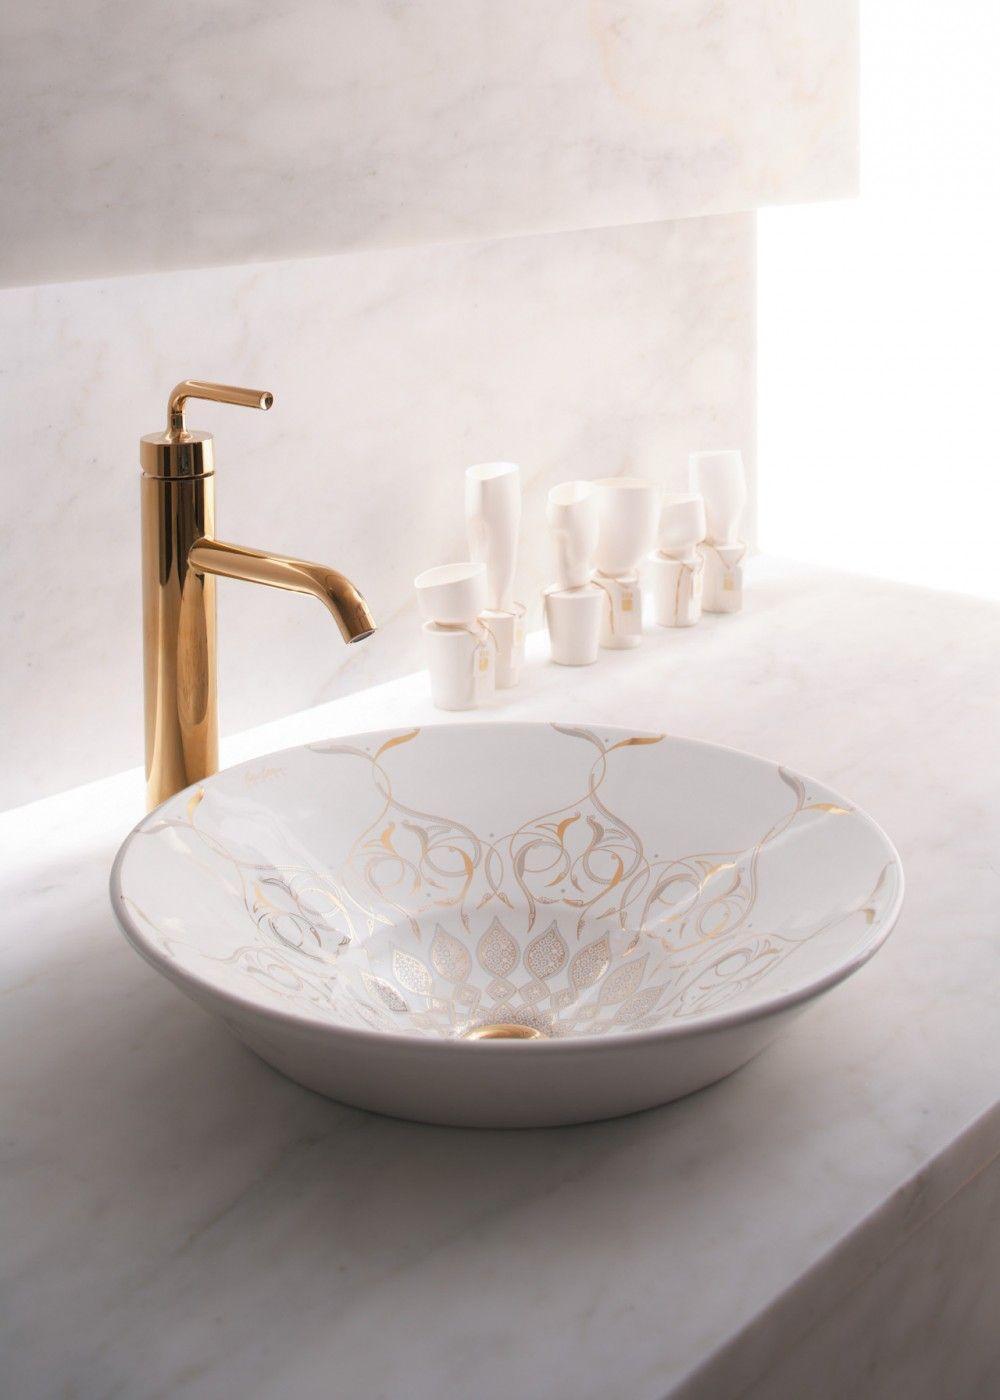 Define Bathroom Kohler Artists Edition Basins With Kohler Purist Pvd Rose Gold